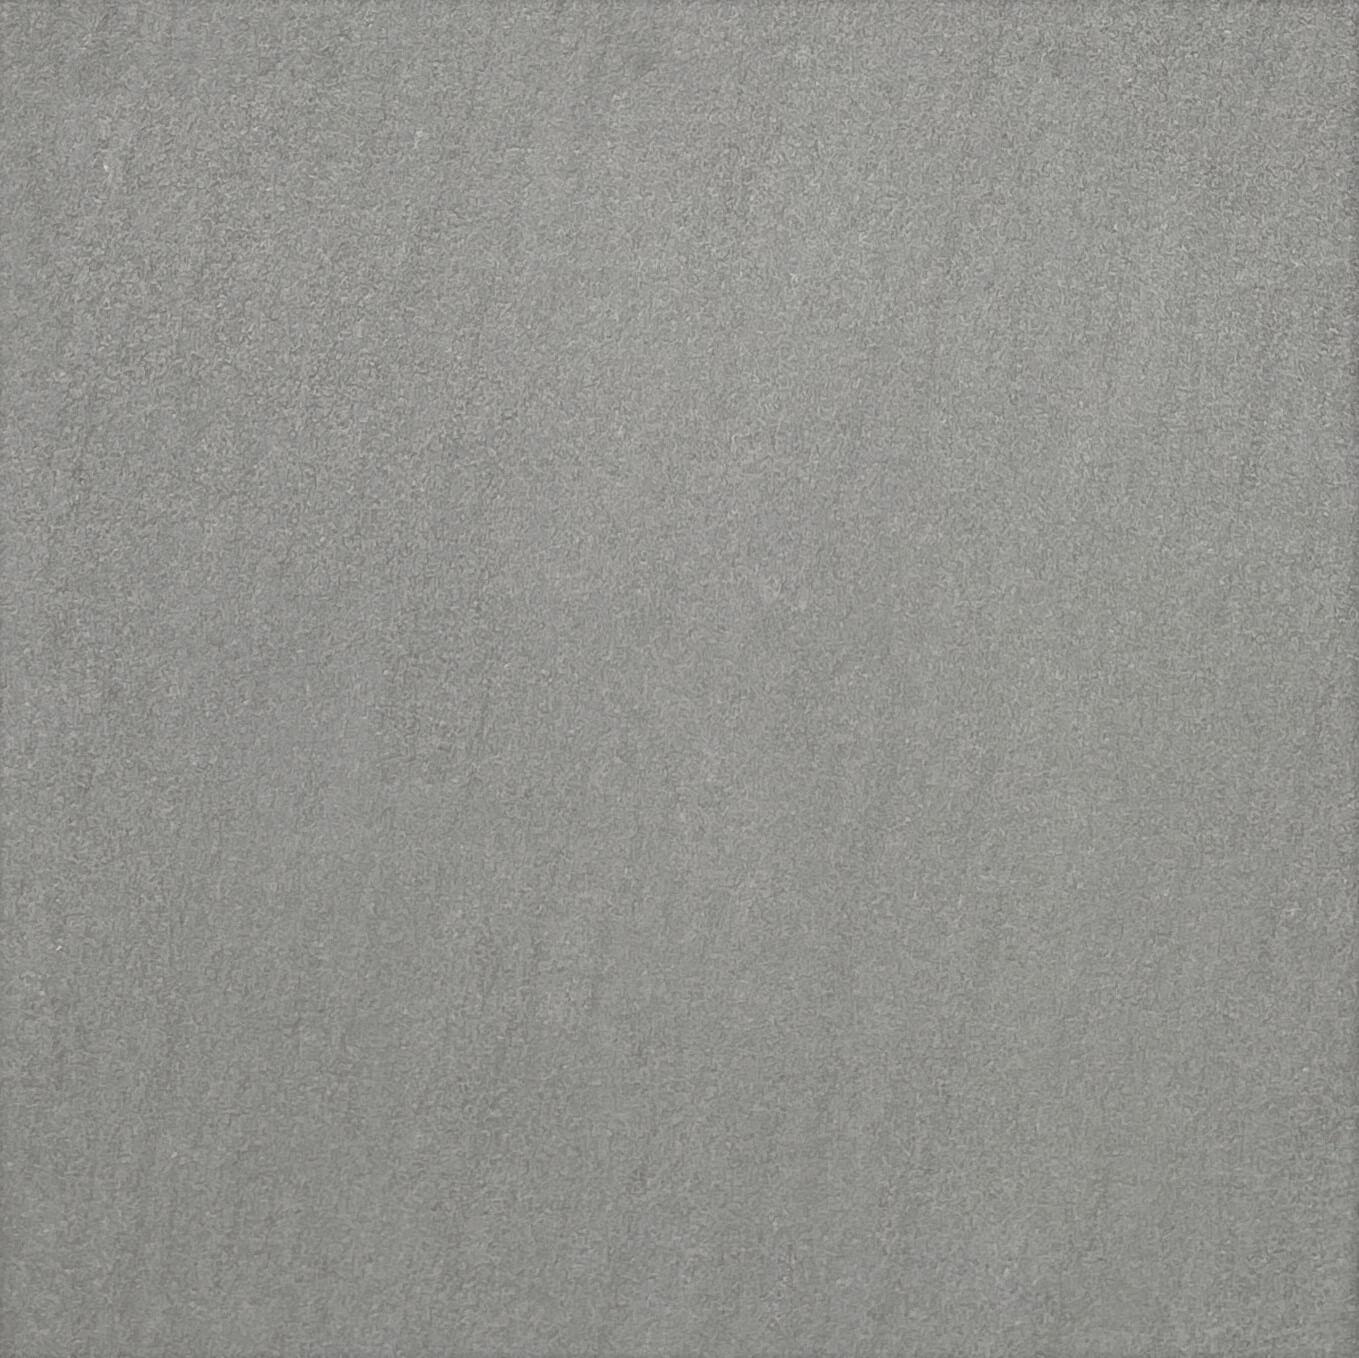 Gobi Grey Rectified Anti Slip Porcelain Paver 3824